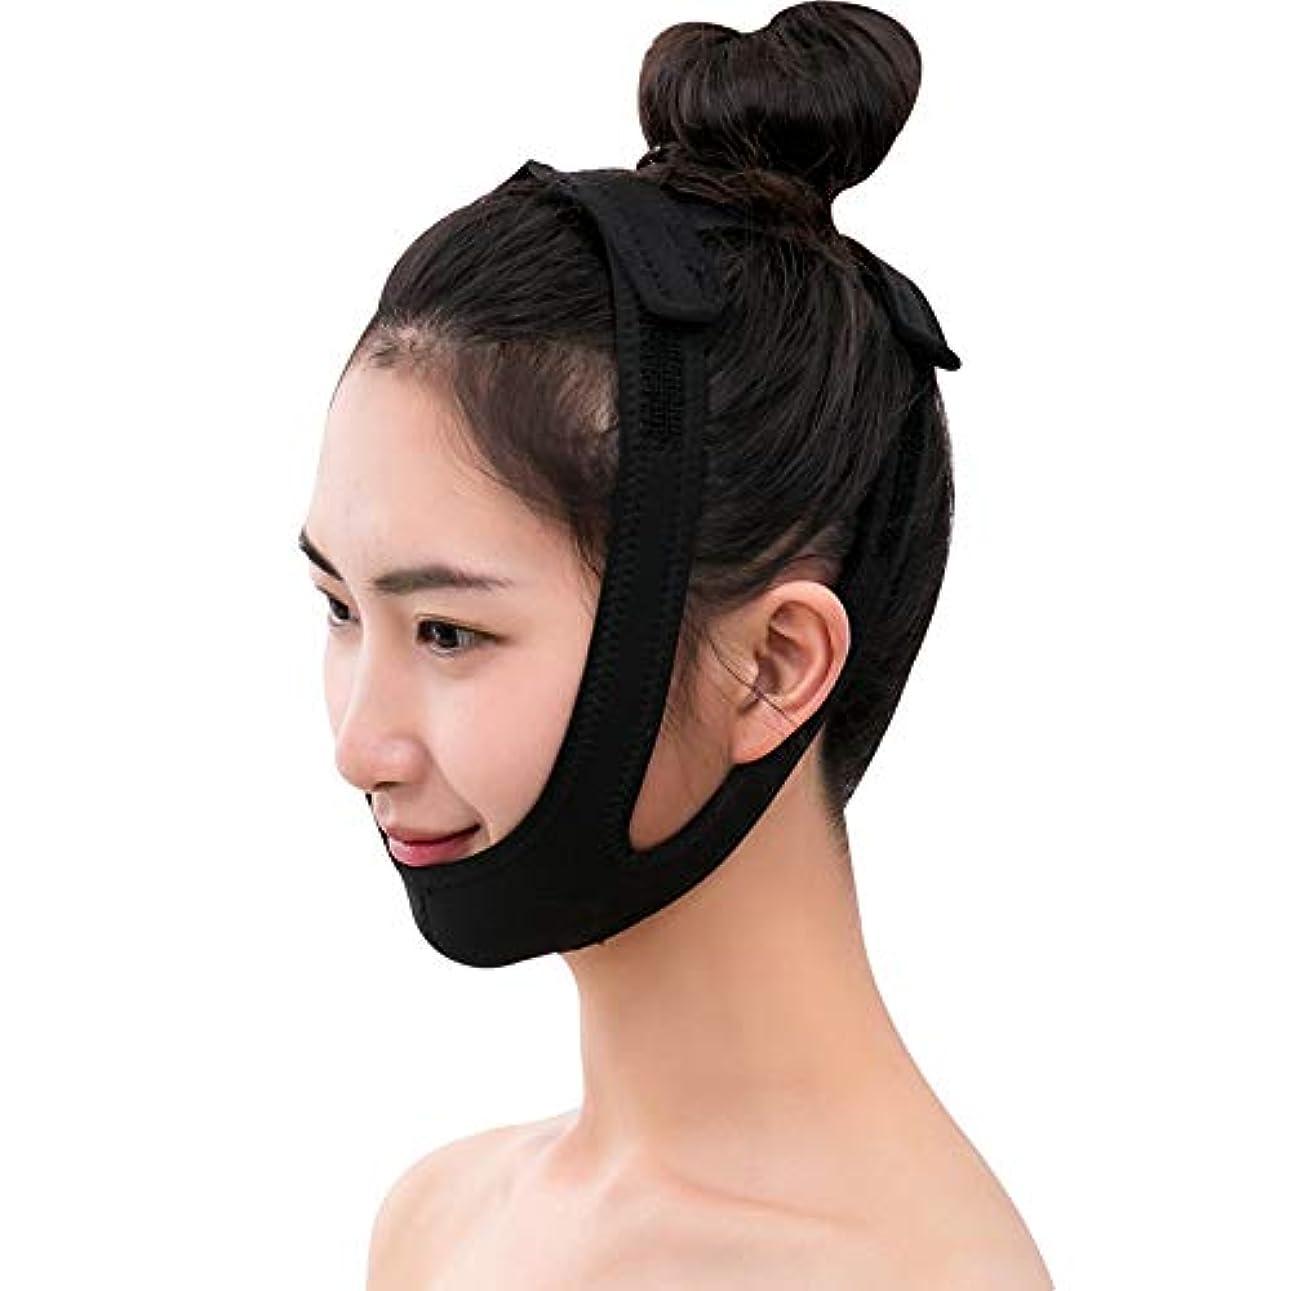 ふくろうインストール押す薄いフェイスバンド - 薄い顔の包帯ビューティーインストゥルメントフェイシャルリフト睡眠マスク法Vフェイスマスクの通気性を作る 美しさ